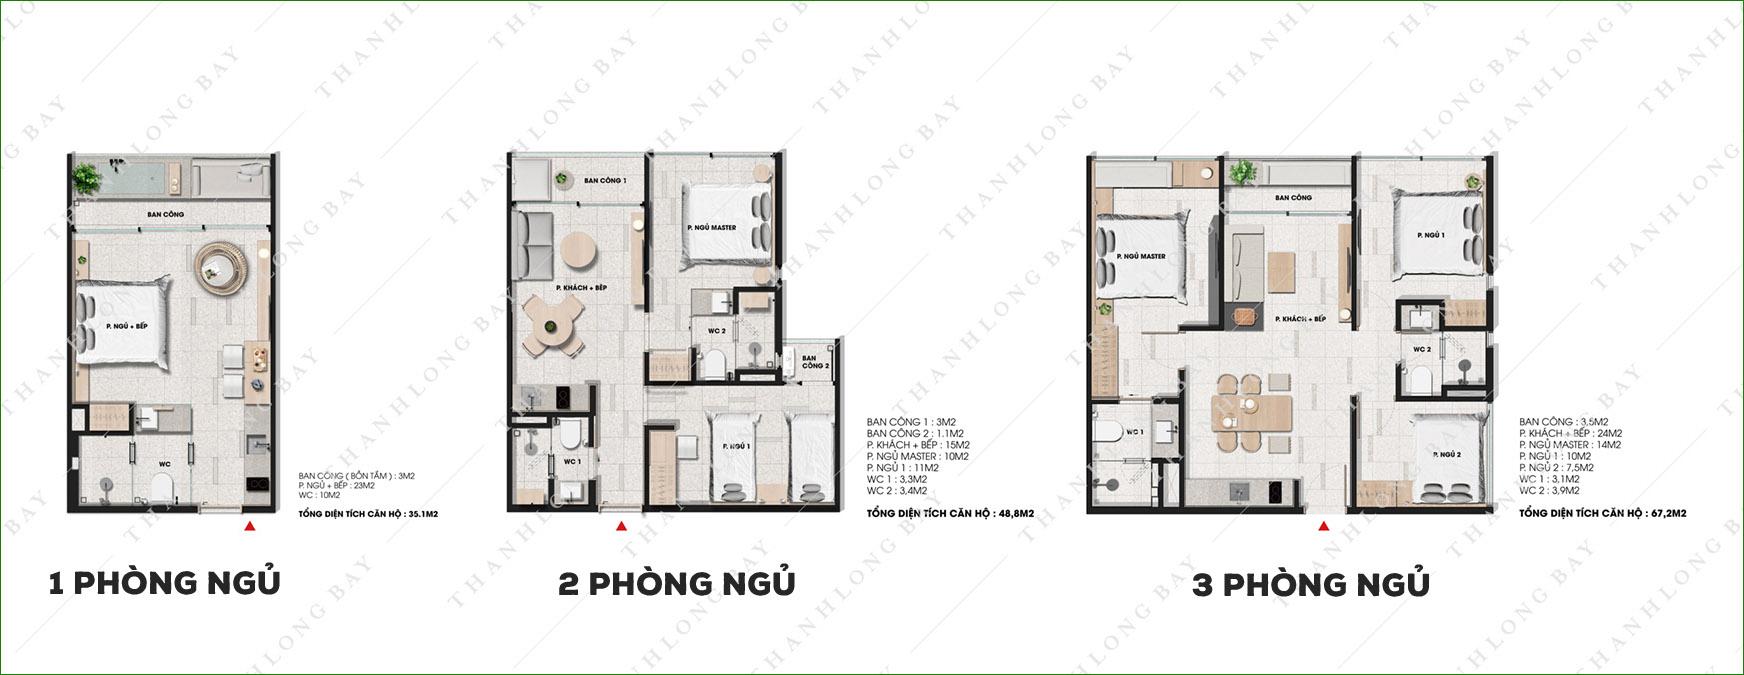 Mặt bằng căn hộ loại 1, 2, 3 phòng ngủ tại dự án Thanh Long Bay, Phan Thiết.